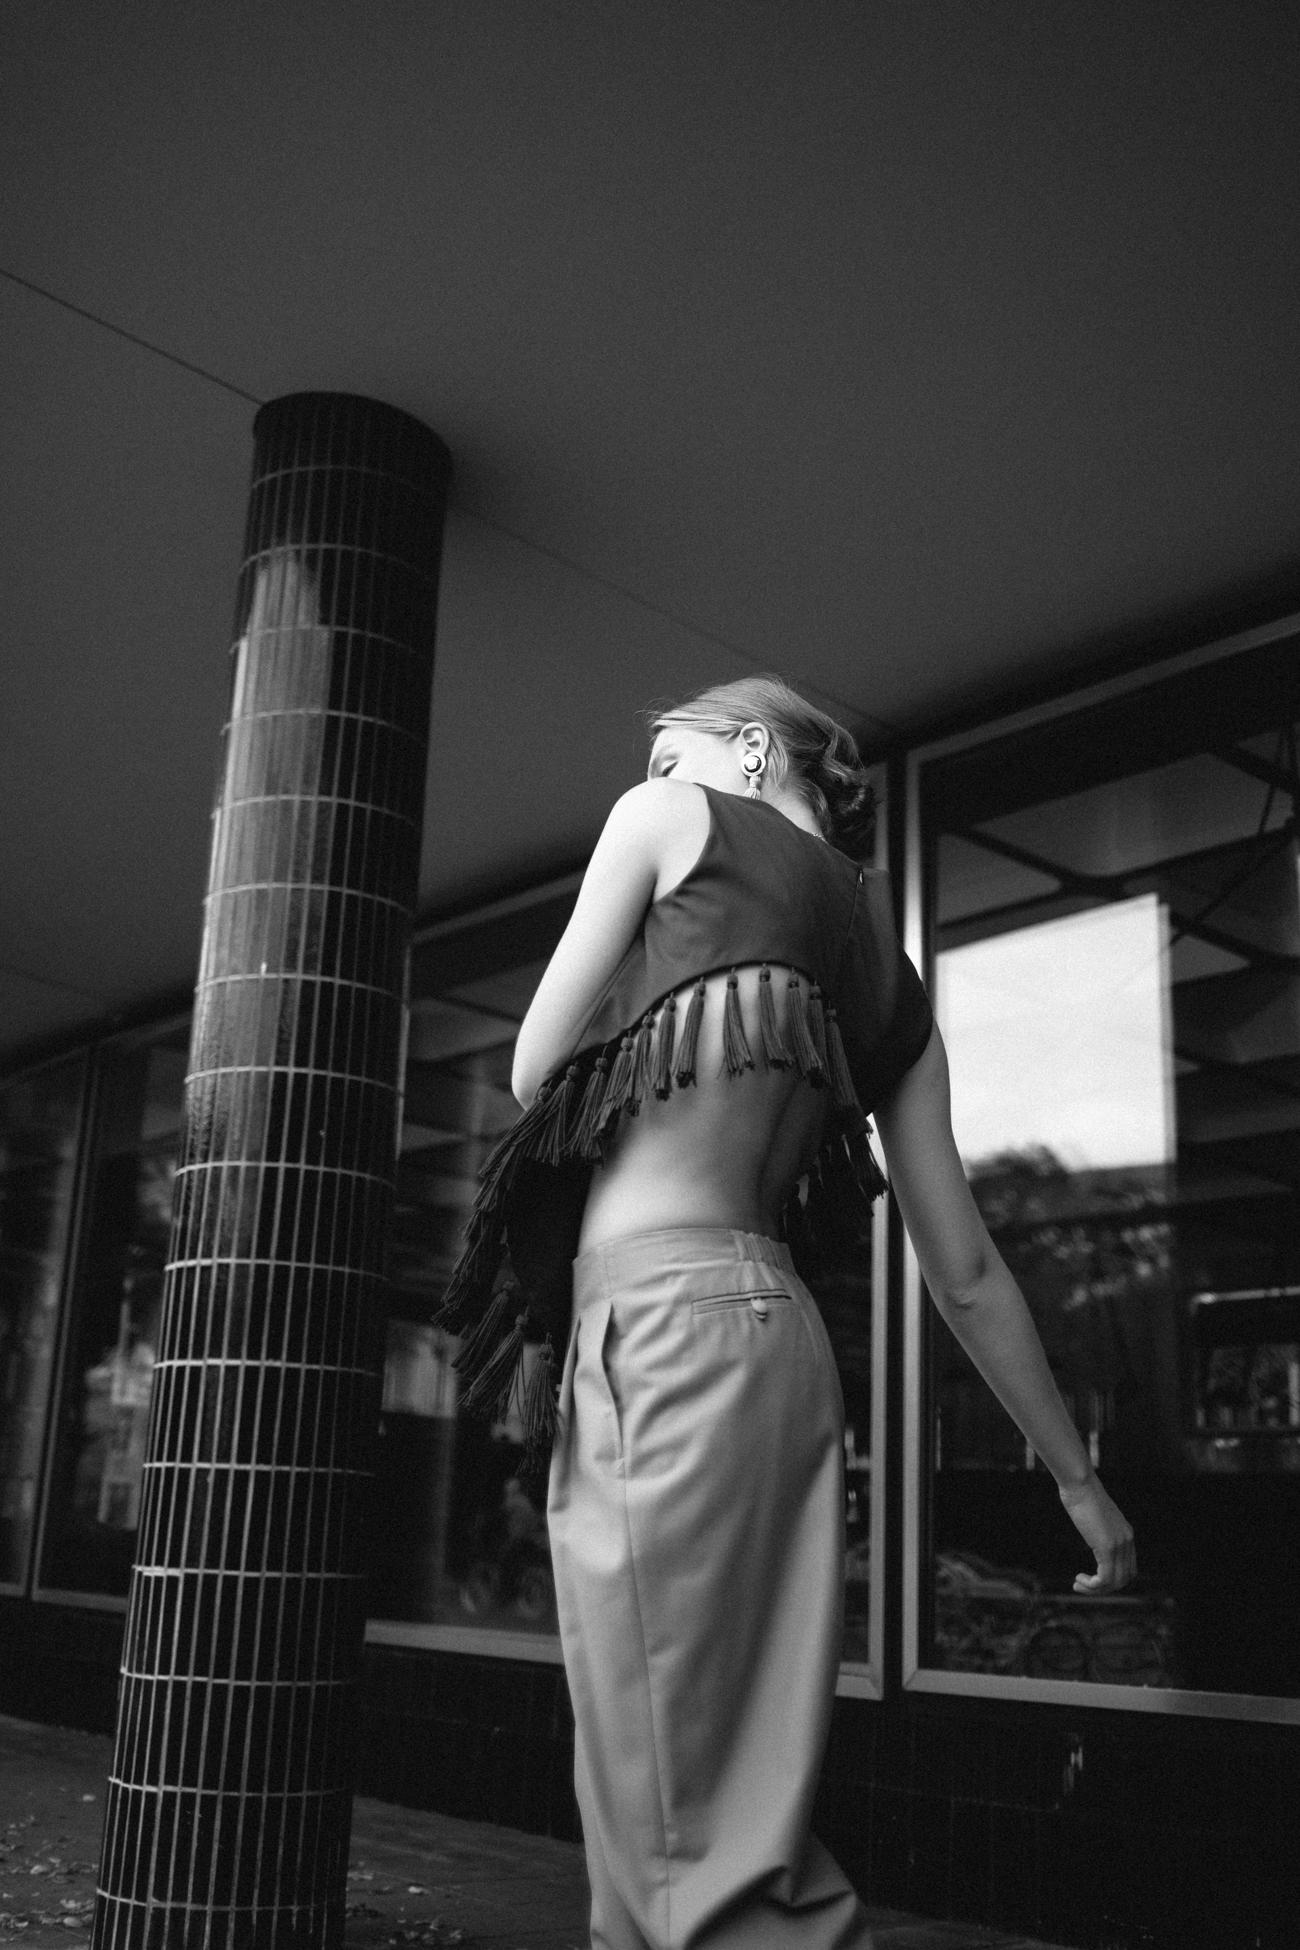 CLAIRE-BY-MARLEN-MUELLER-2930